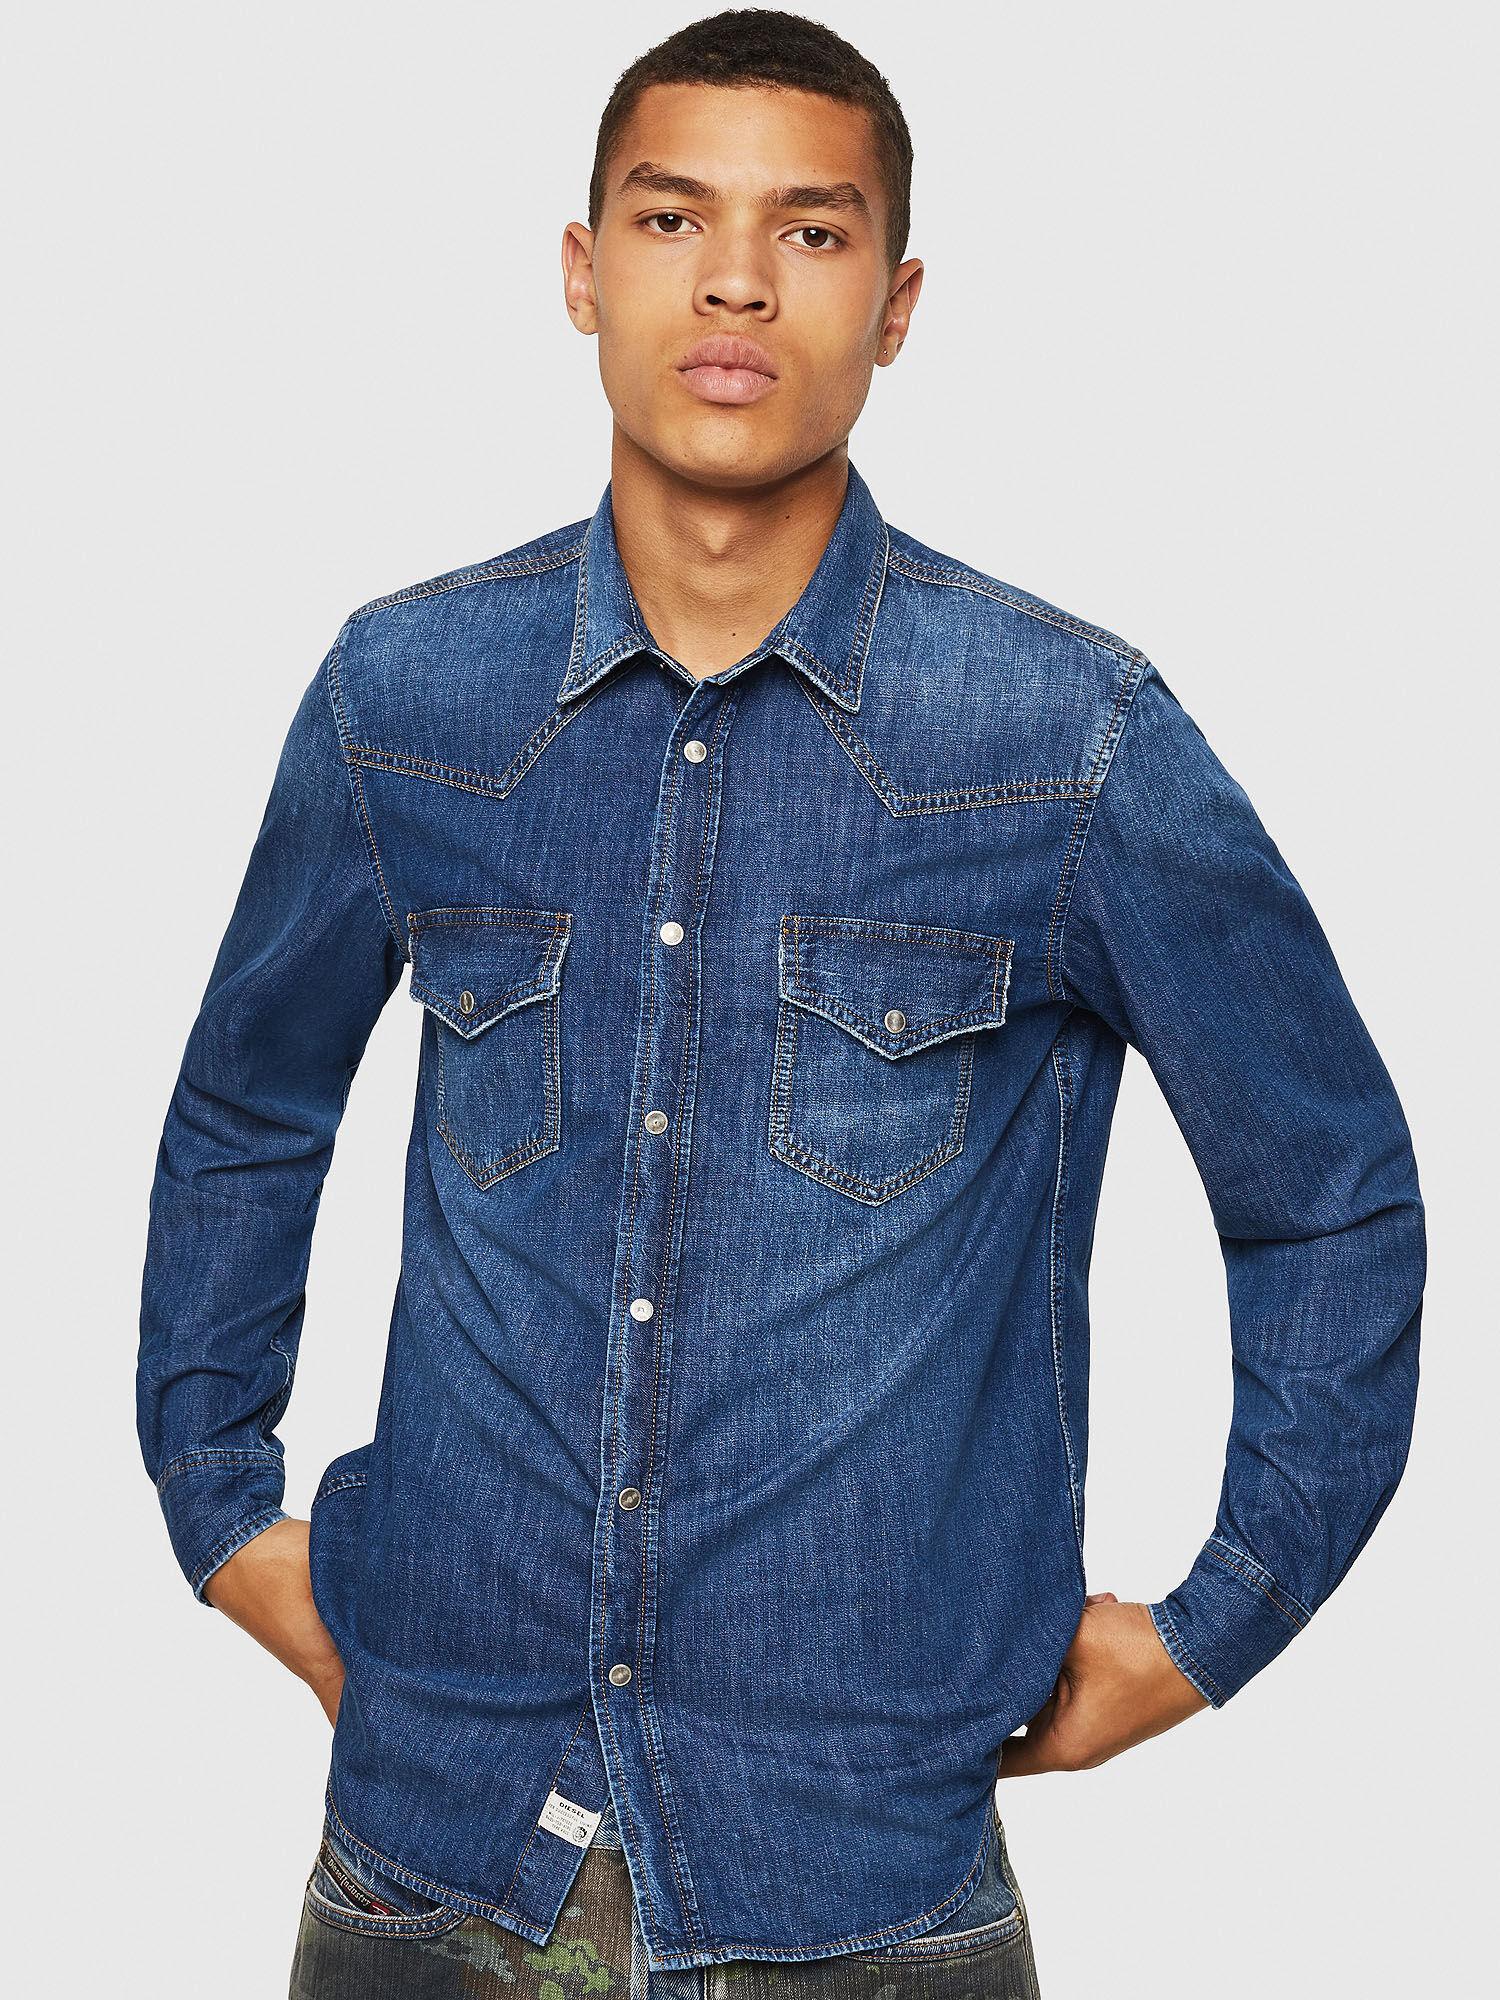 Camicie Ew Uomo Uomo Jeans 40th Camicie Jeans Uomo Ew Jeans Camicie 40th kZuiPXO